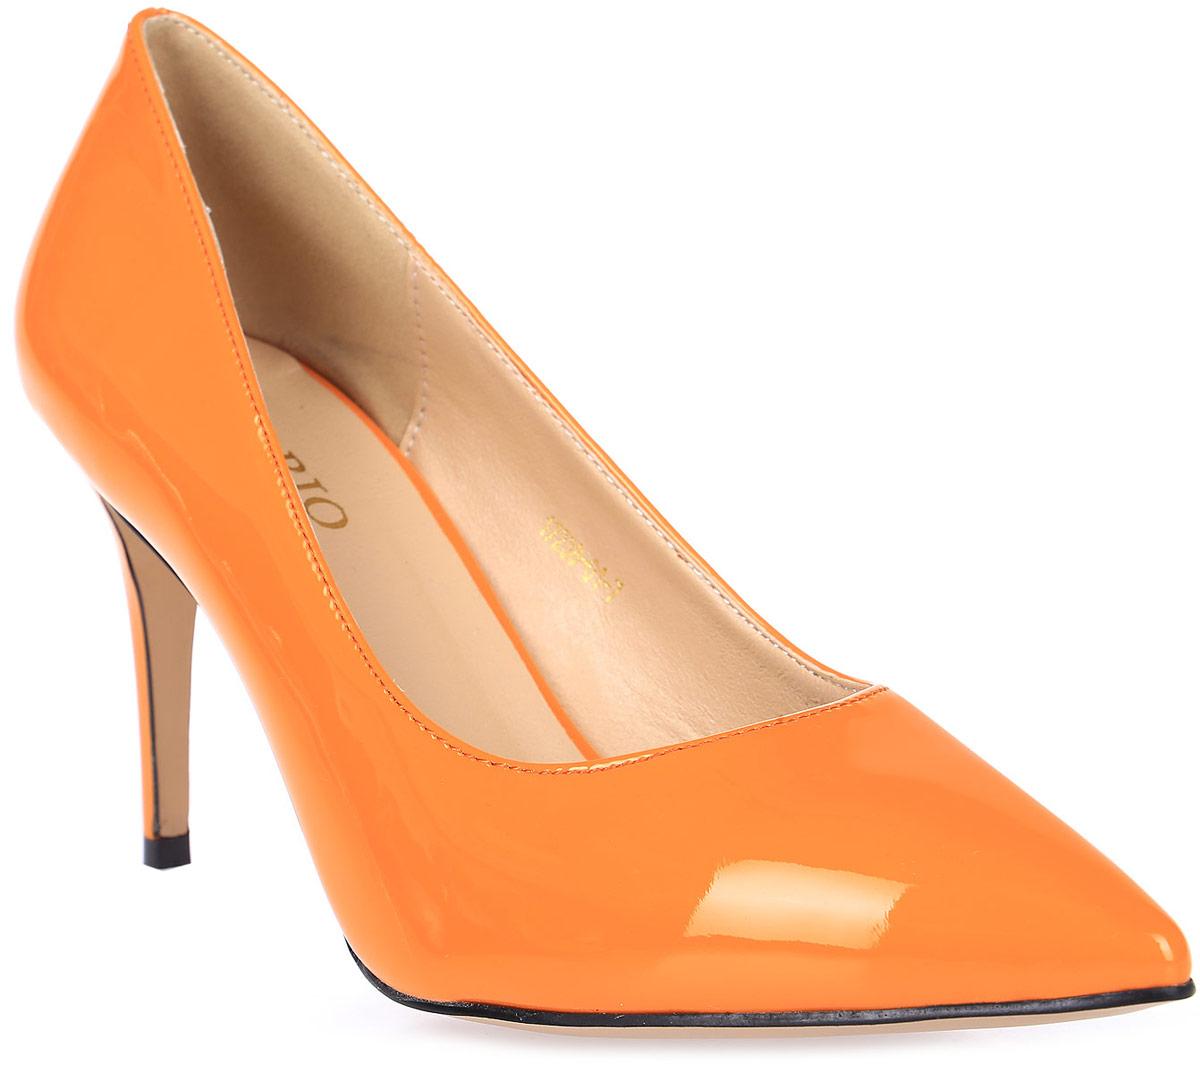 Туфли женские Inario, цвет: оранжевый. 17238-01-7. Размер 3817238-01-7Туфли Inario выполнены из искусственной лаковой кожи. Внутренняя поверхность и стелька из искусственной кожи обеспечат комфорт при движении. Подошва выполнена из полимера. Модель имеет острый мысок и невысокий каблук-шпильку.